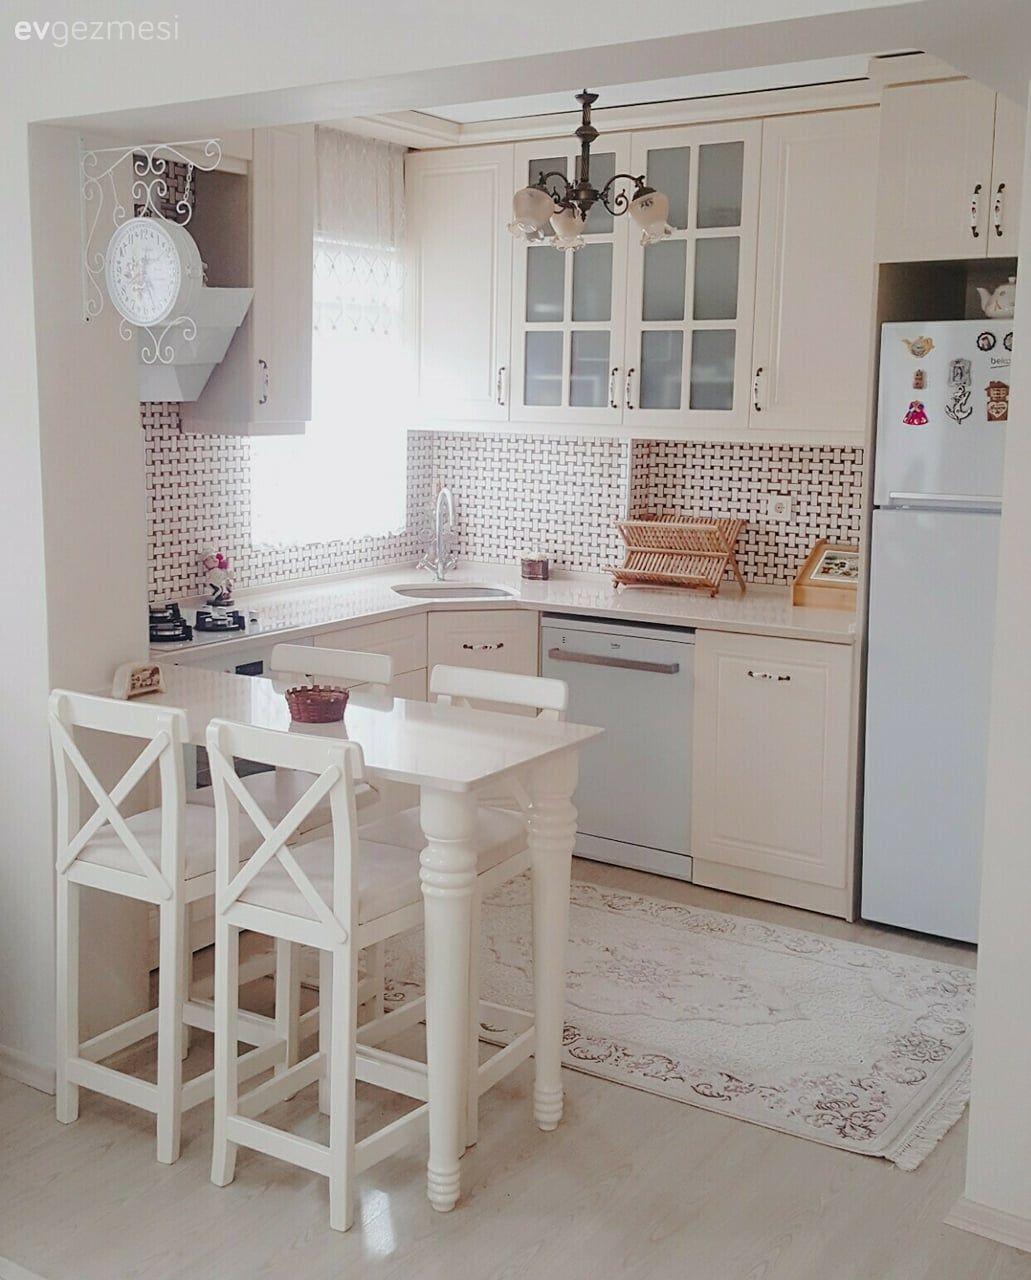 Yumuşak renkler, kullanışlı ve zarif bir mutfak. Hesna hanımın mutfağı.. - 1 | Ev Gezmesi